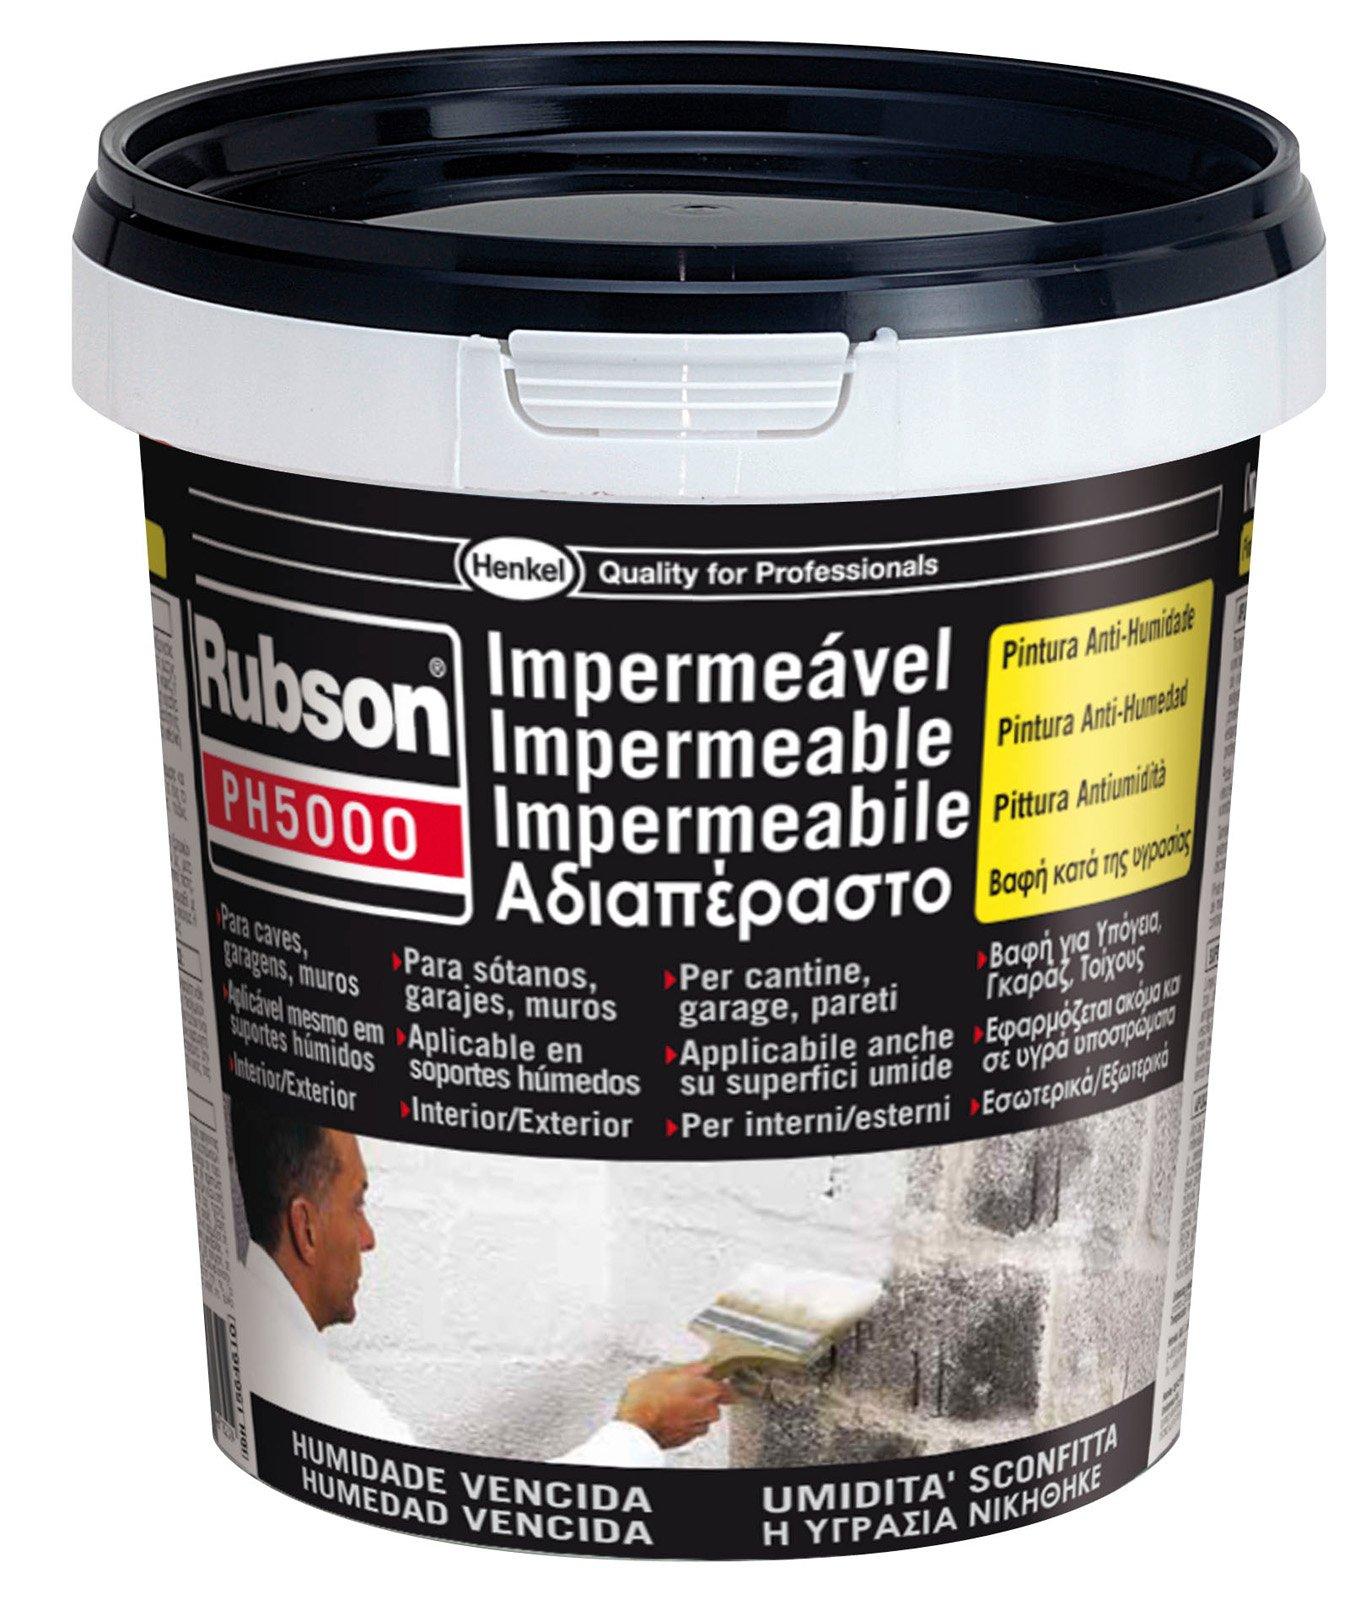 Prodotti antiumidit per muri interni confortevole - Prodotti antimuffa per muri interni ...